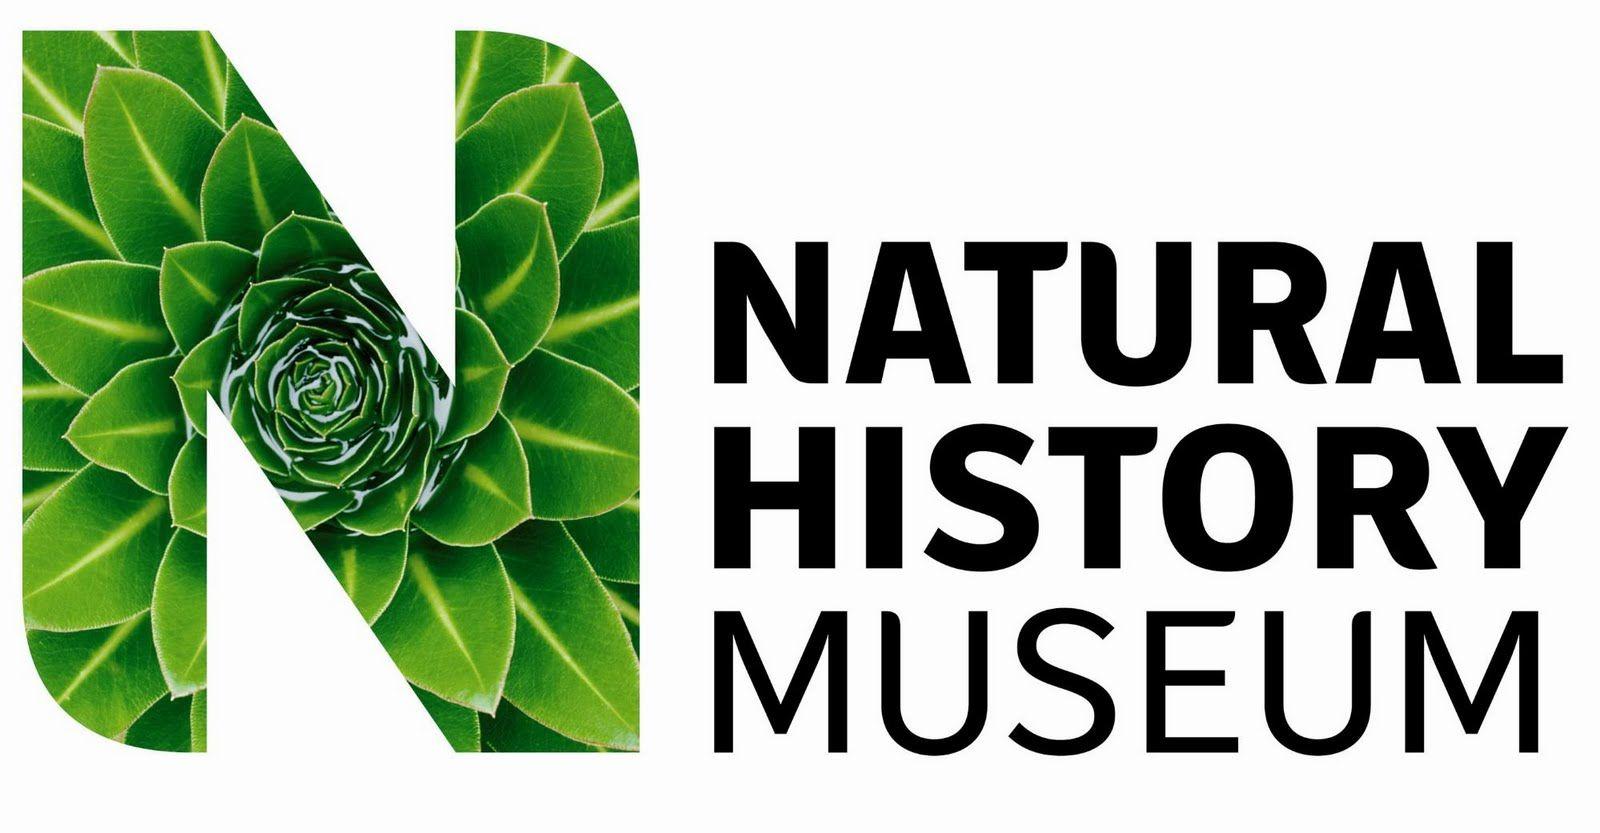 natural history museum london logo - Google Search | Natural ...